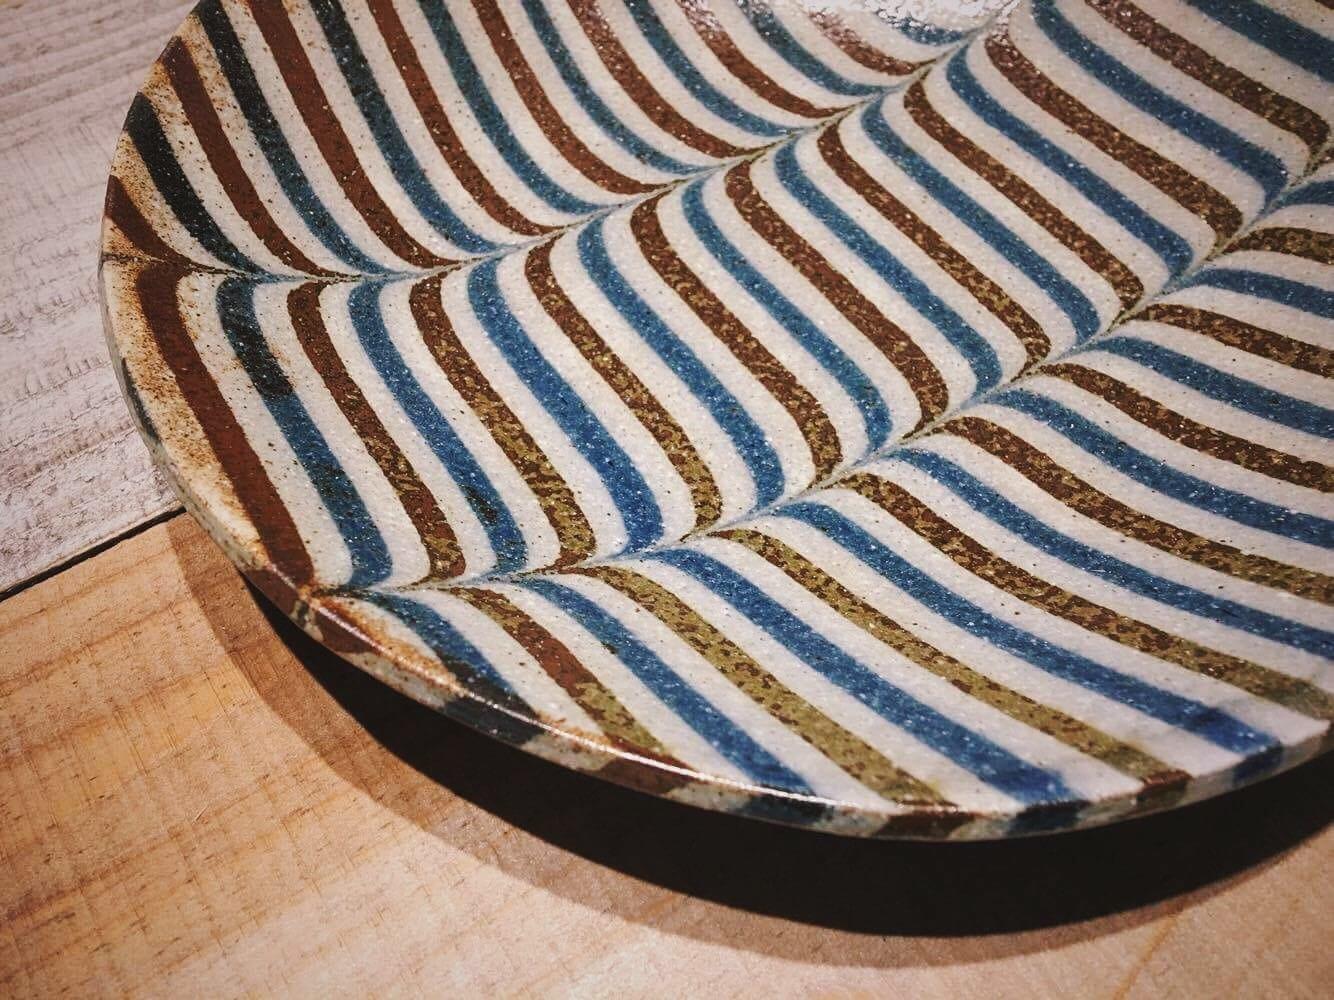 「練込み」という技法でつくられた、牧谷窯の器たち。